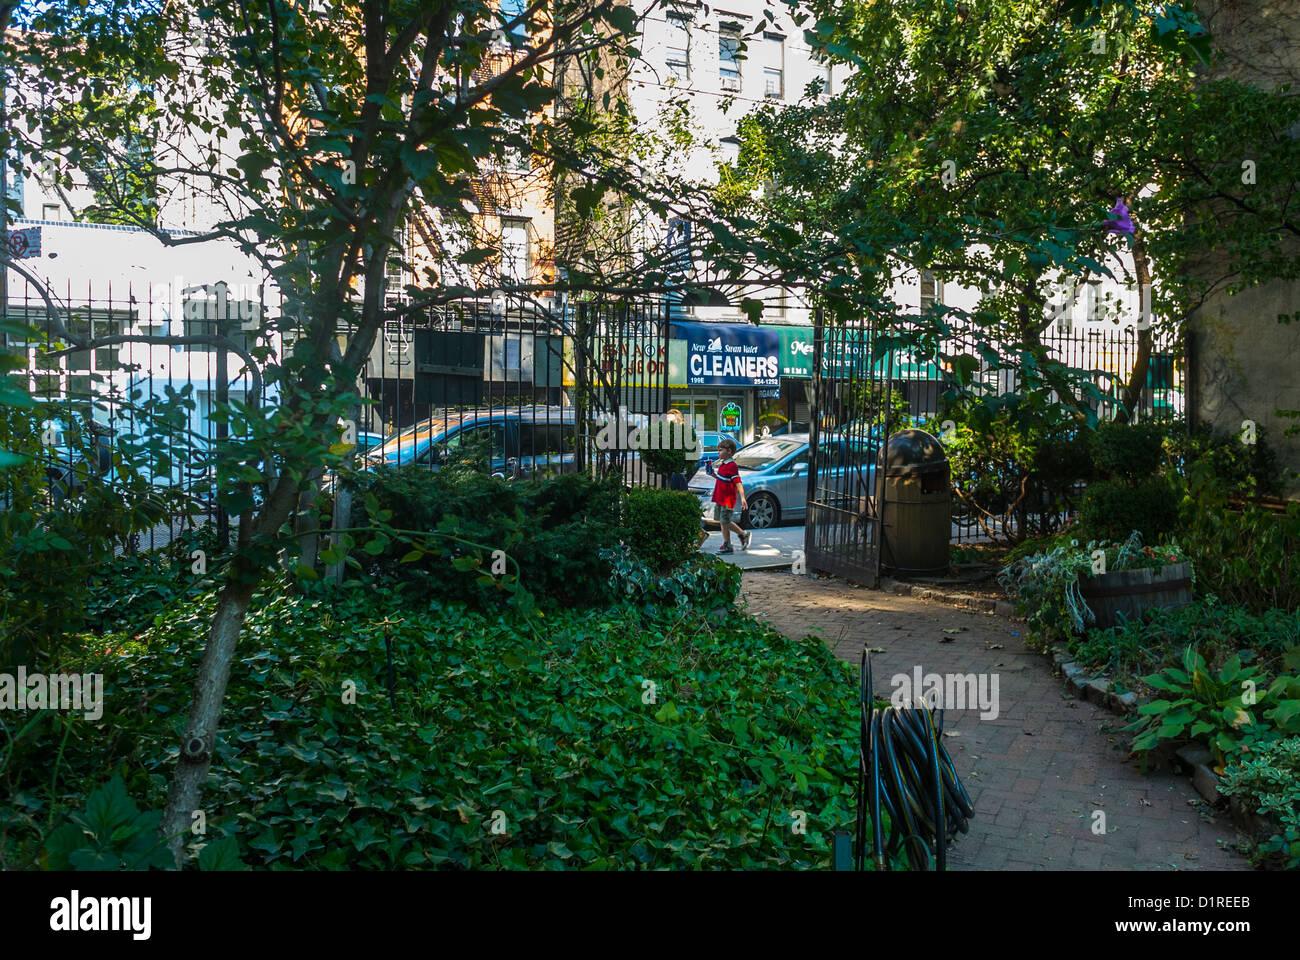 New York, East Village 'Miracle Garden' Community Gardens, Scenes, Local neighbourhoods - Stock Image